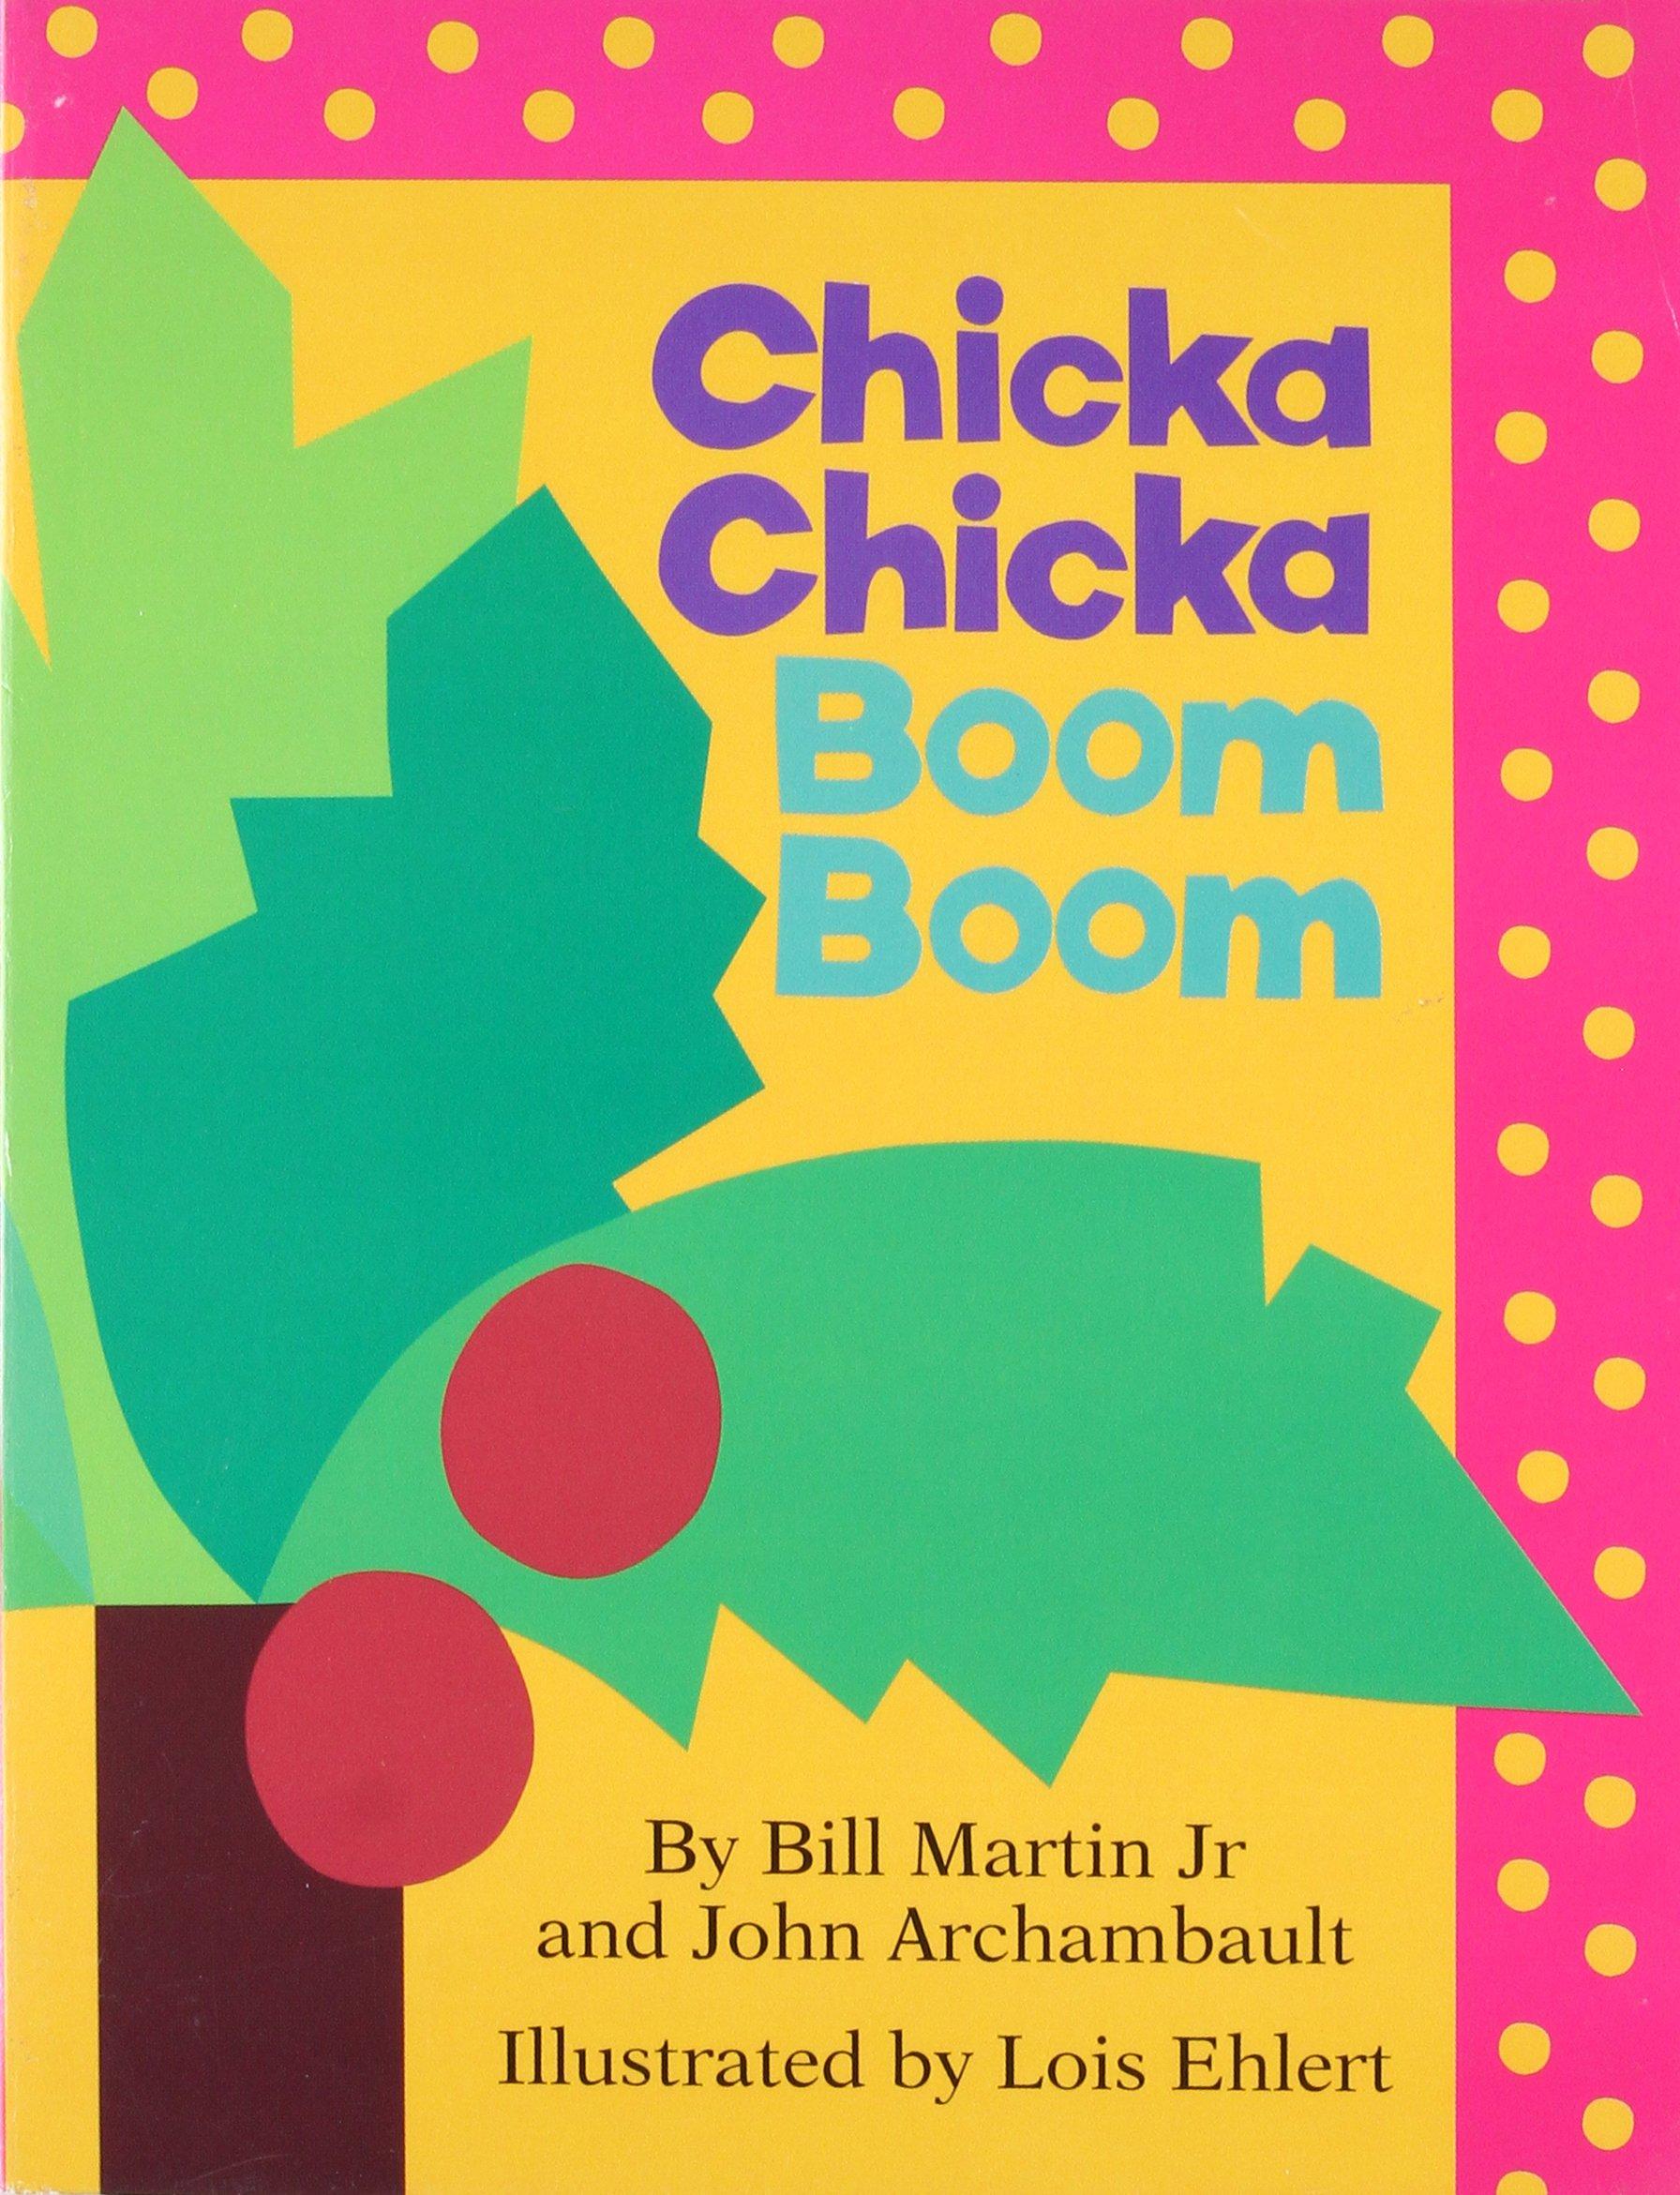 Chicka-Chicka Boom Boom